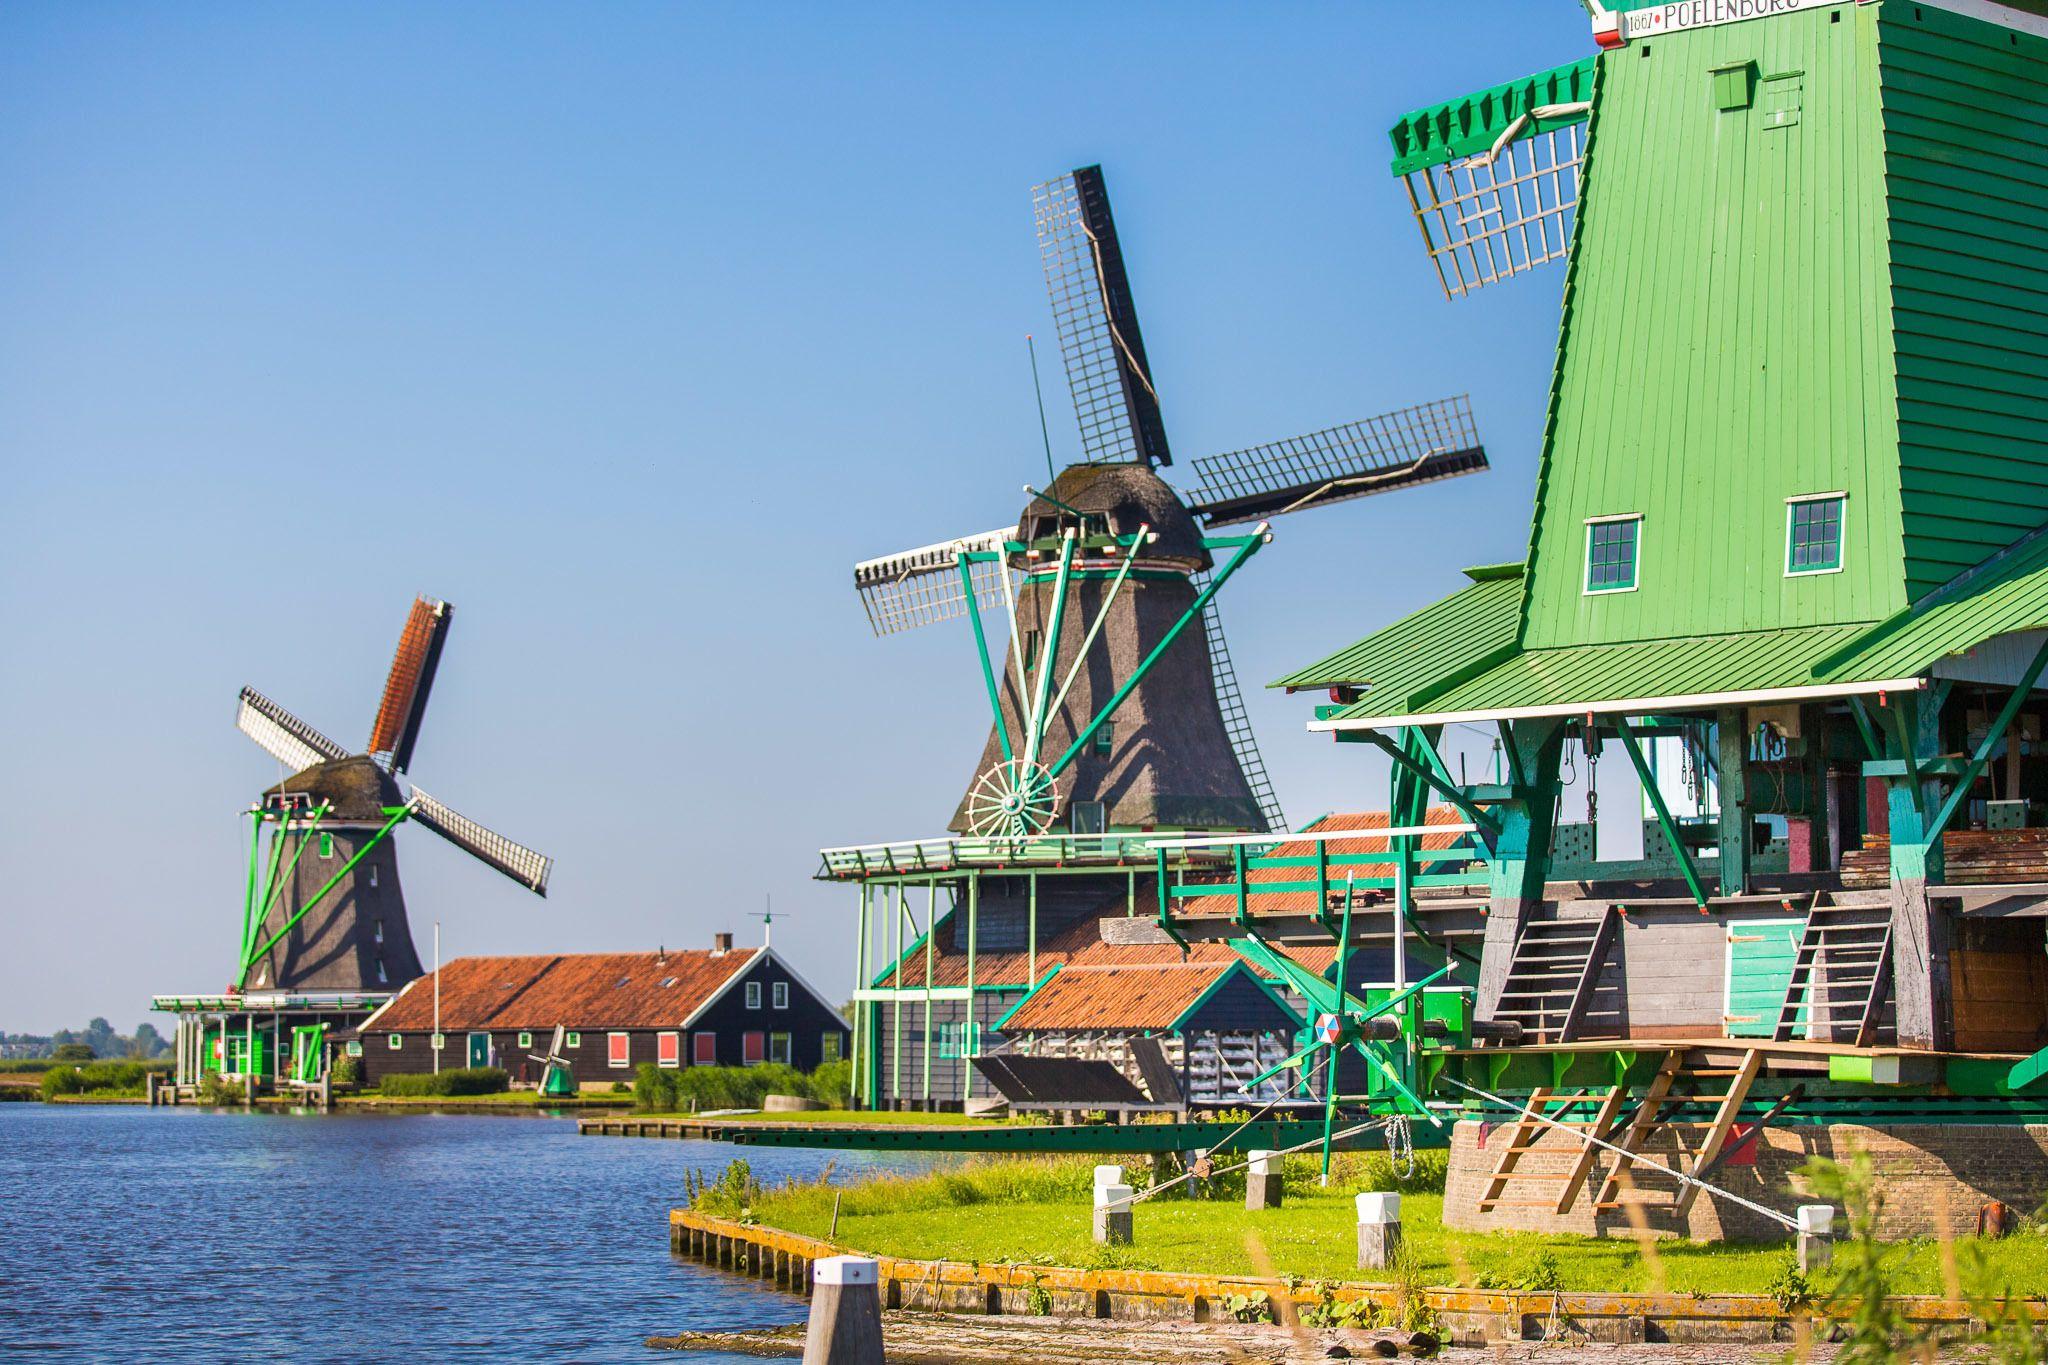 Dutch Countryside Tour with Windmills, Volendam & Marken